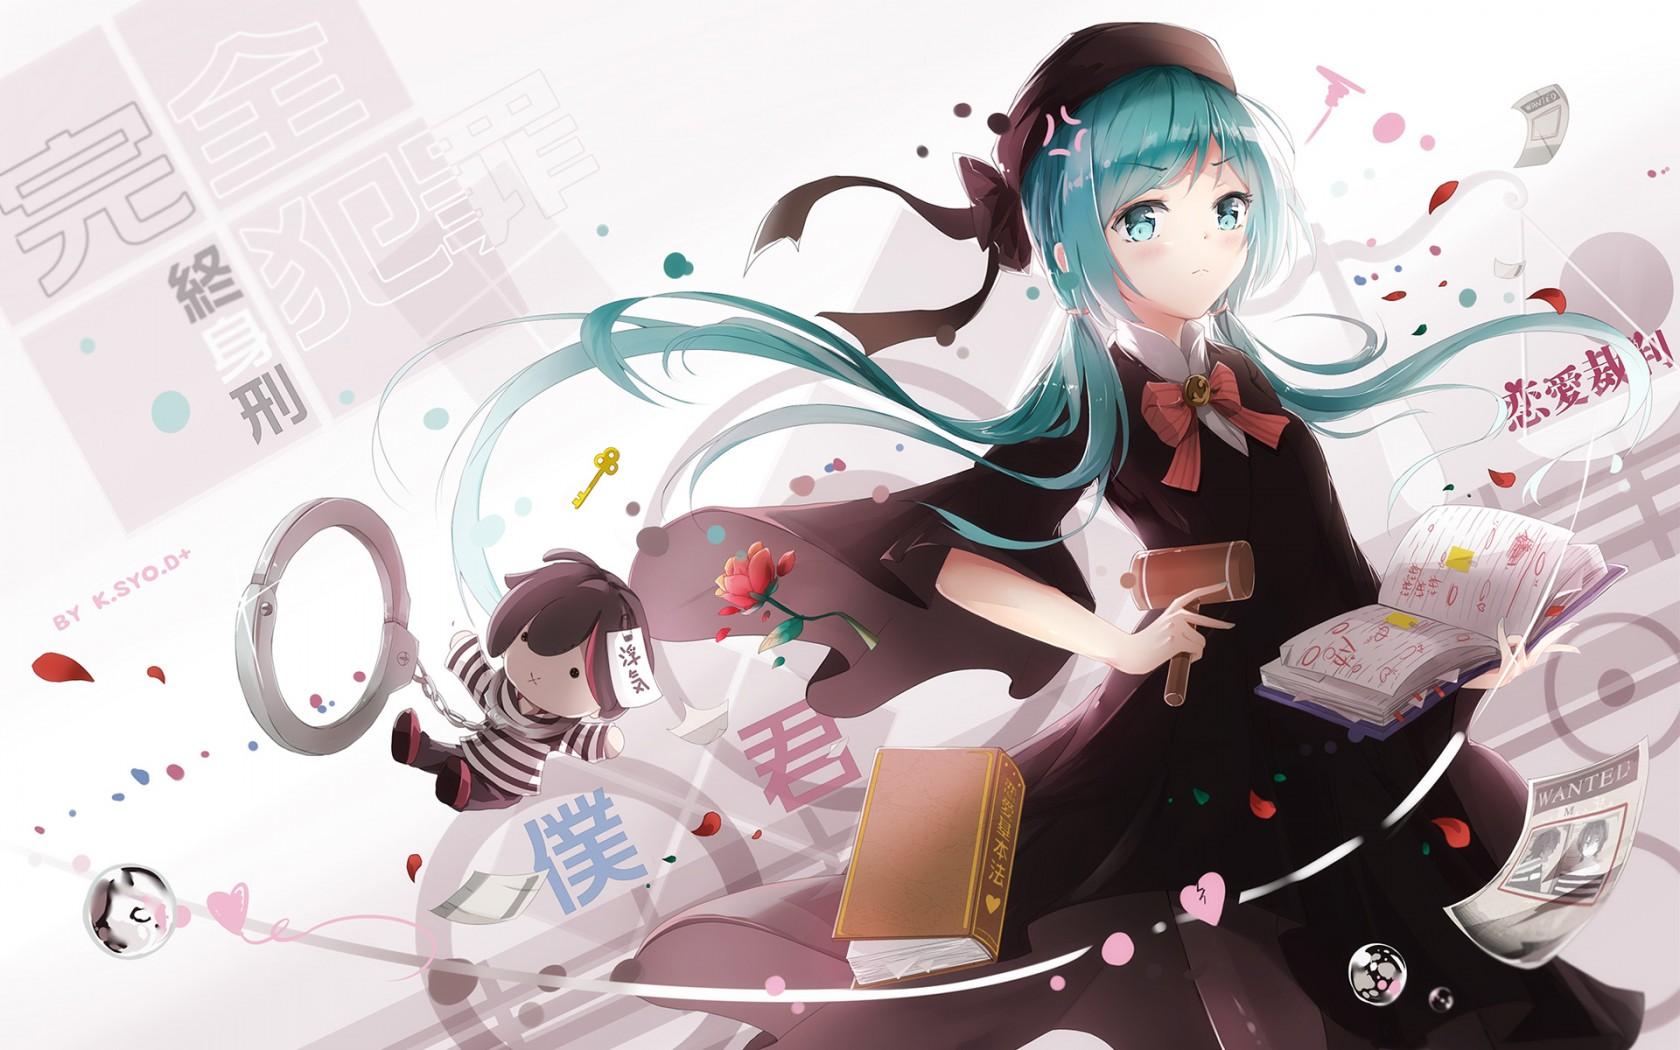 Cute Hug Wallpaper Vocaloid Hatsune Miku Wallpapers Hd Wallpapers Id 17708